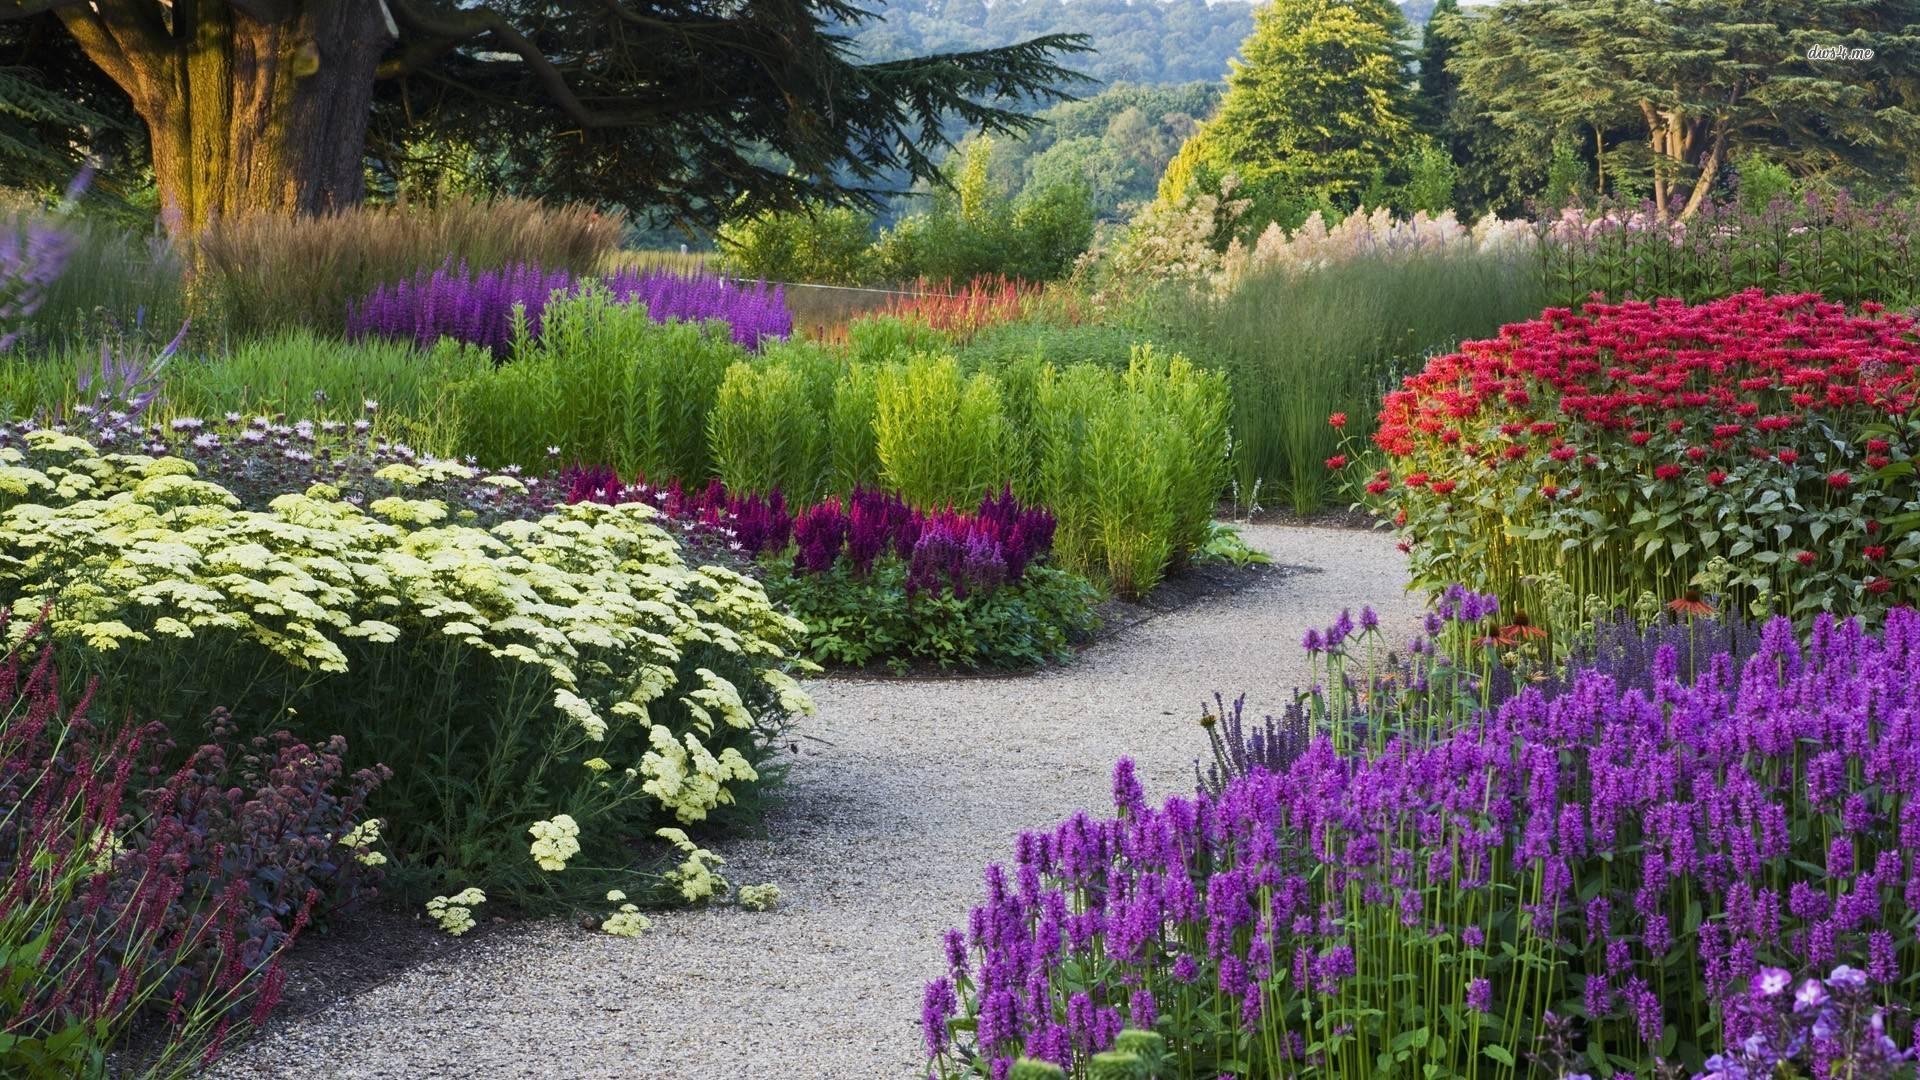 Hình ảnh khu vườn hoa đẹp